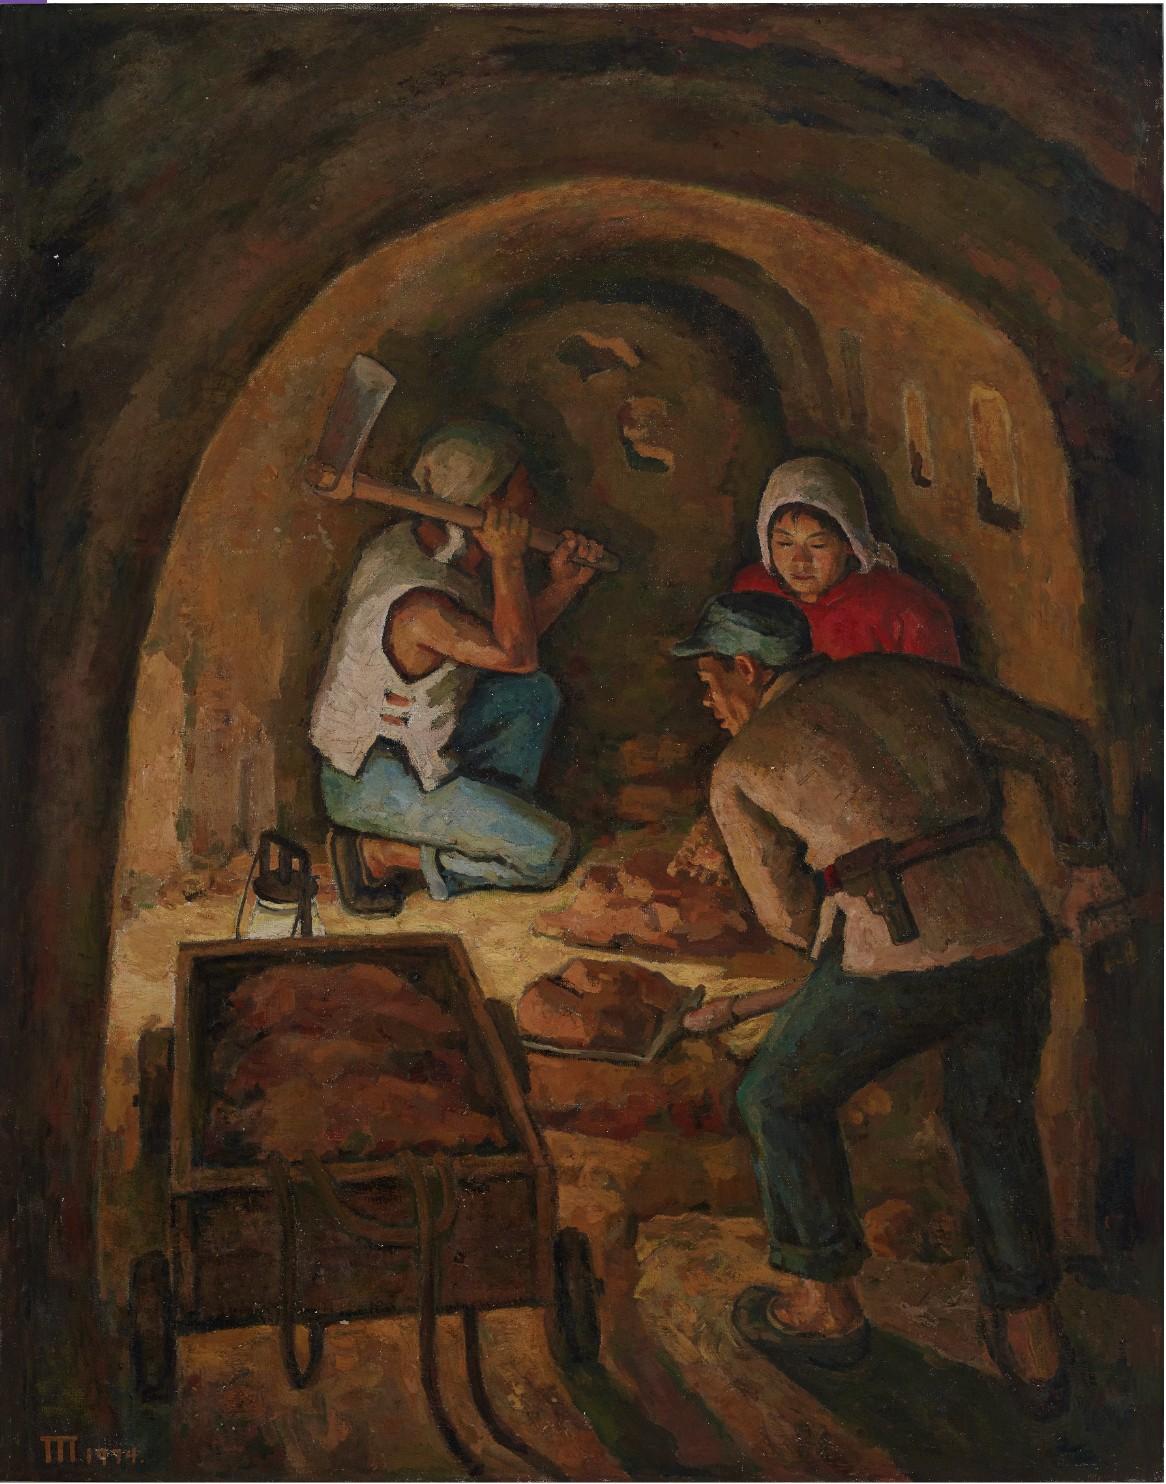 29《挖地道》,胡一川,1974年,广州,布面油画,146cm×112cm,广州美术学院美术馆藏.jpg